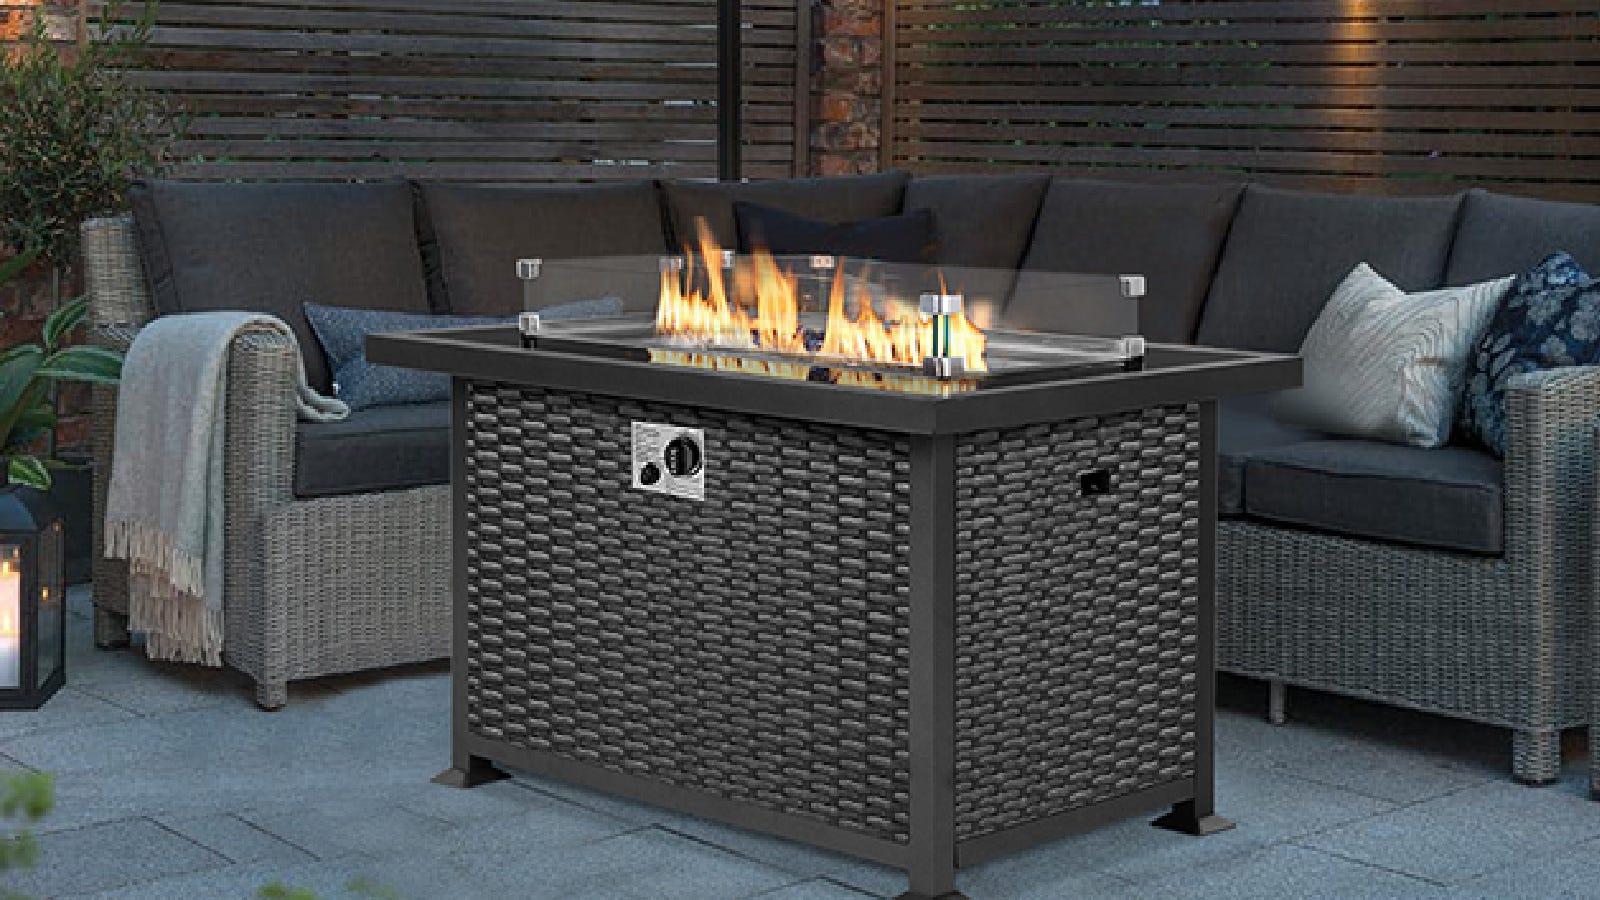 Uma linda mesa de fogo retangular da U-Max, se encaixa perfeitamente no meio da mobília de estilo sofá, em um ambiente externo aconchegante.